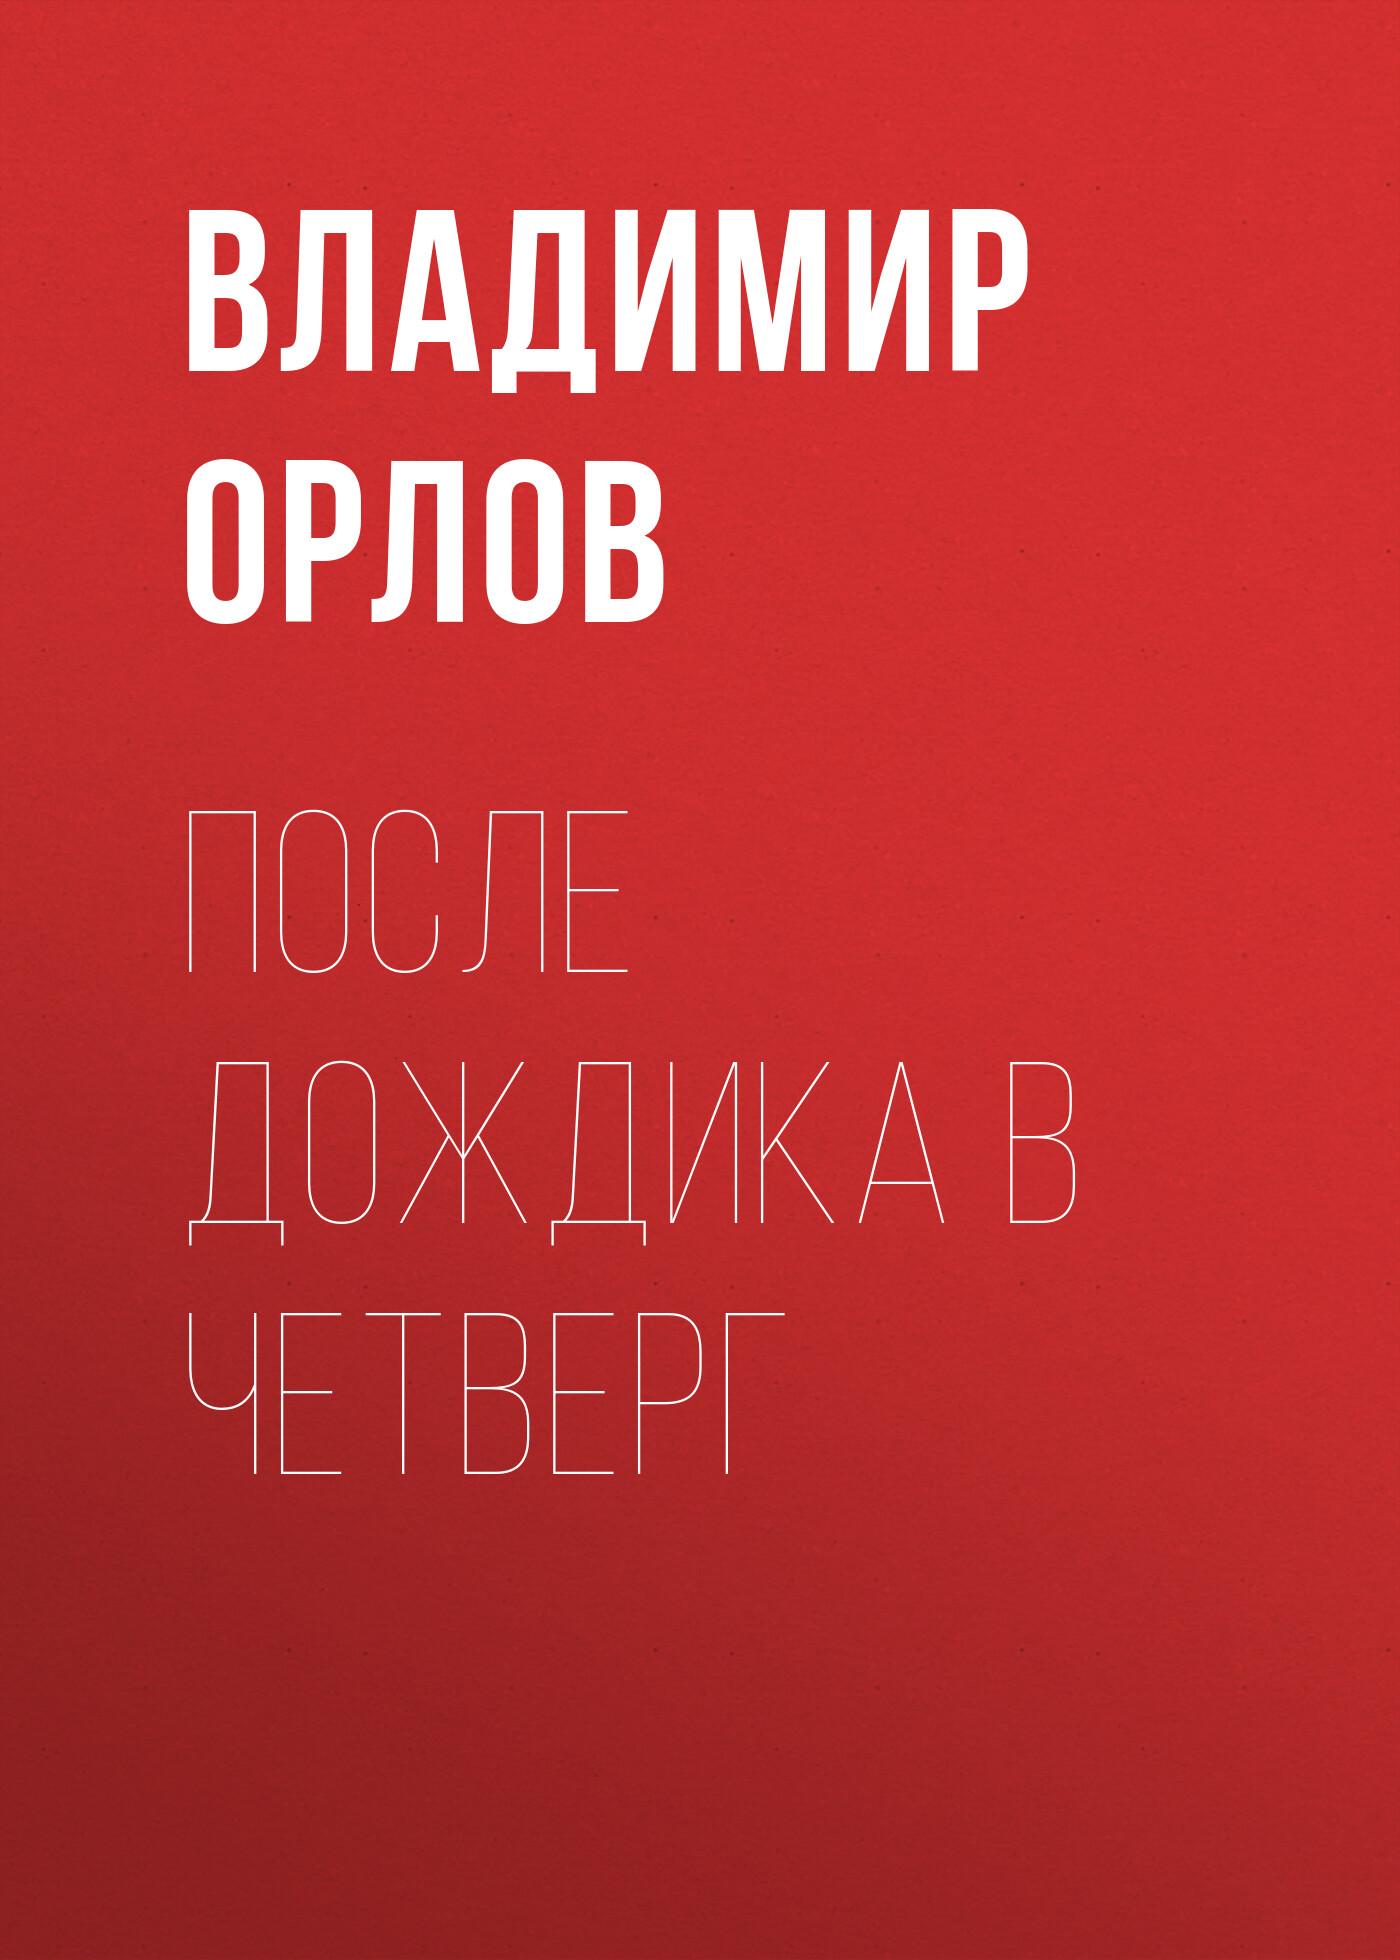 Владимир Орлов После дождика в четверг владимир орлов камергерский переулок